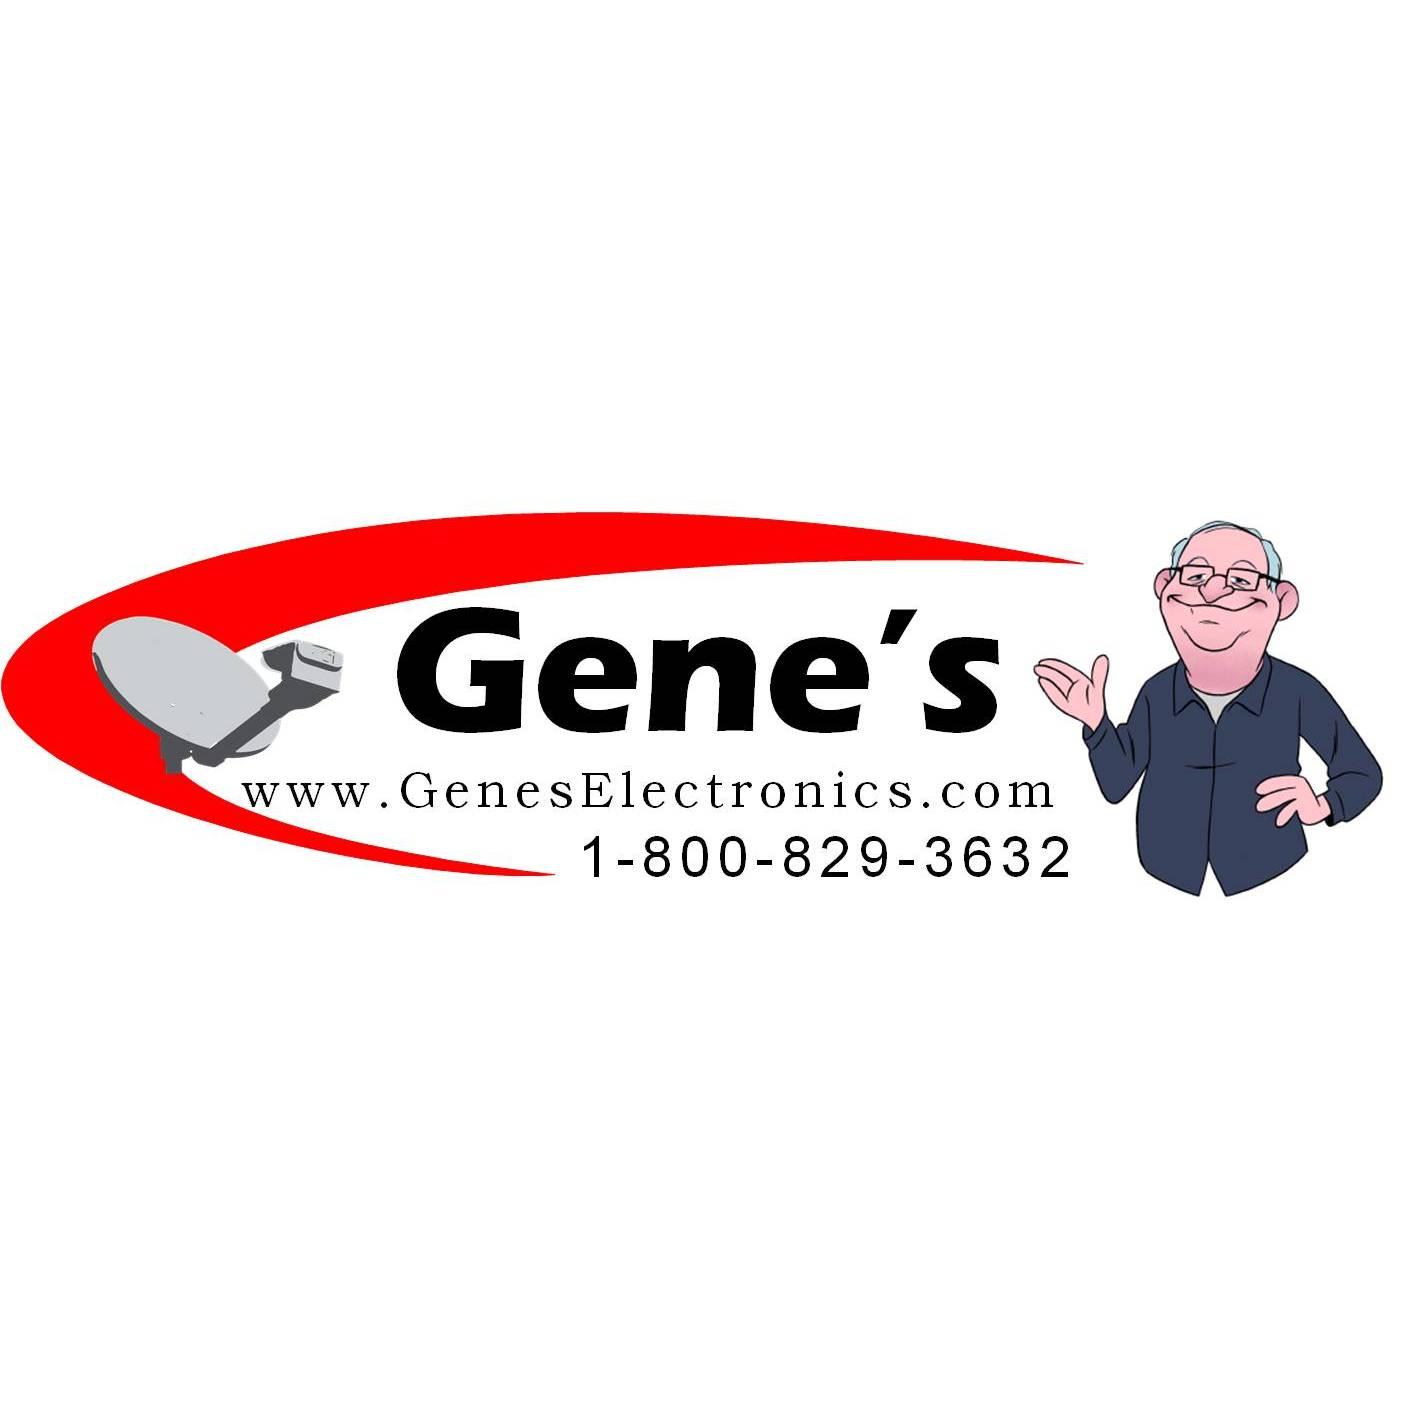 Gene's Electronics - ad image